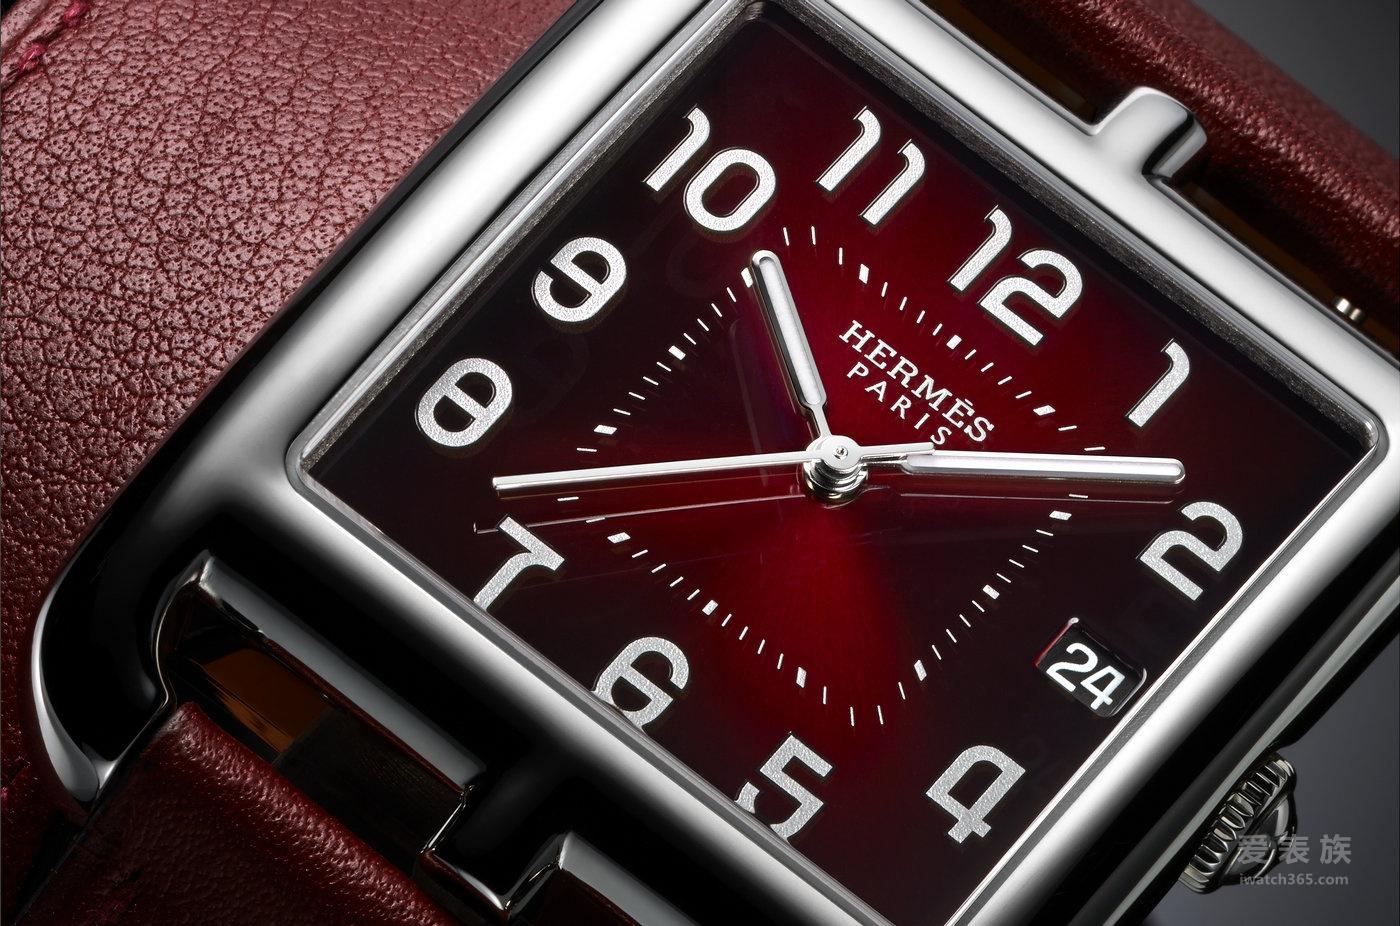 【2017 巴塞尔钟表展新款】爱马仕Cape cod系列新款腕表